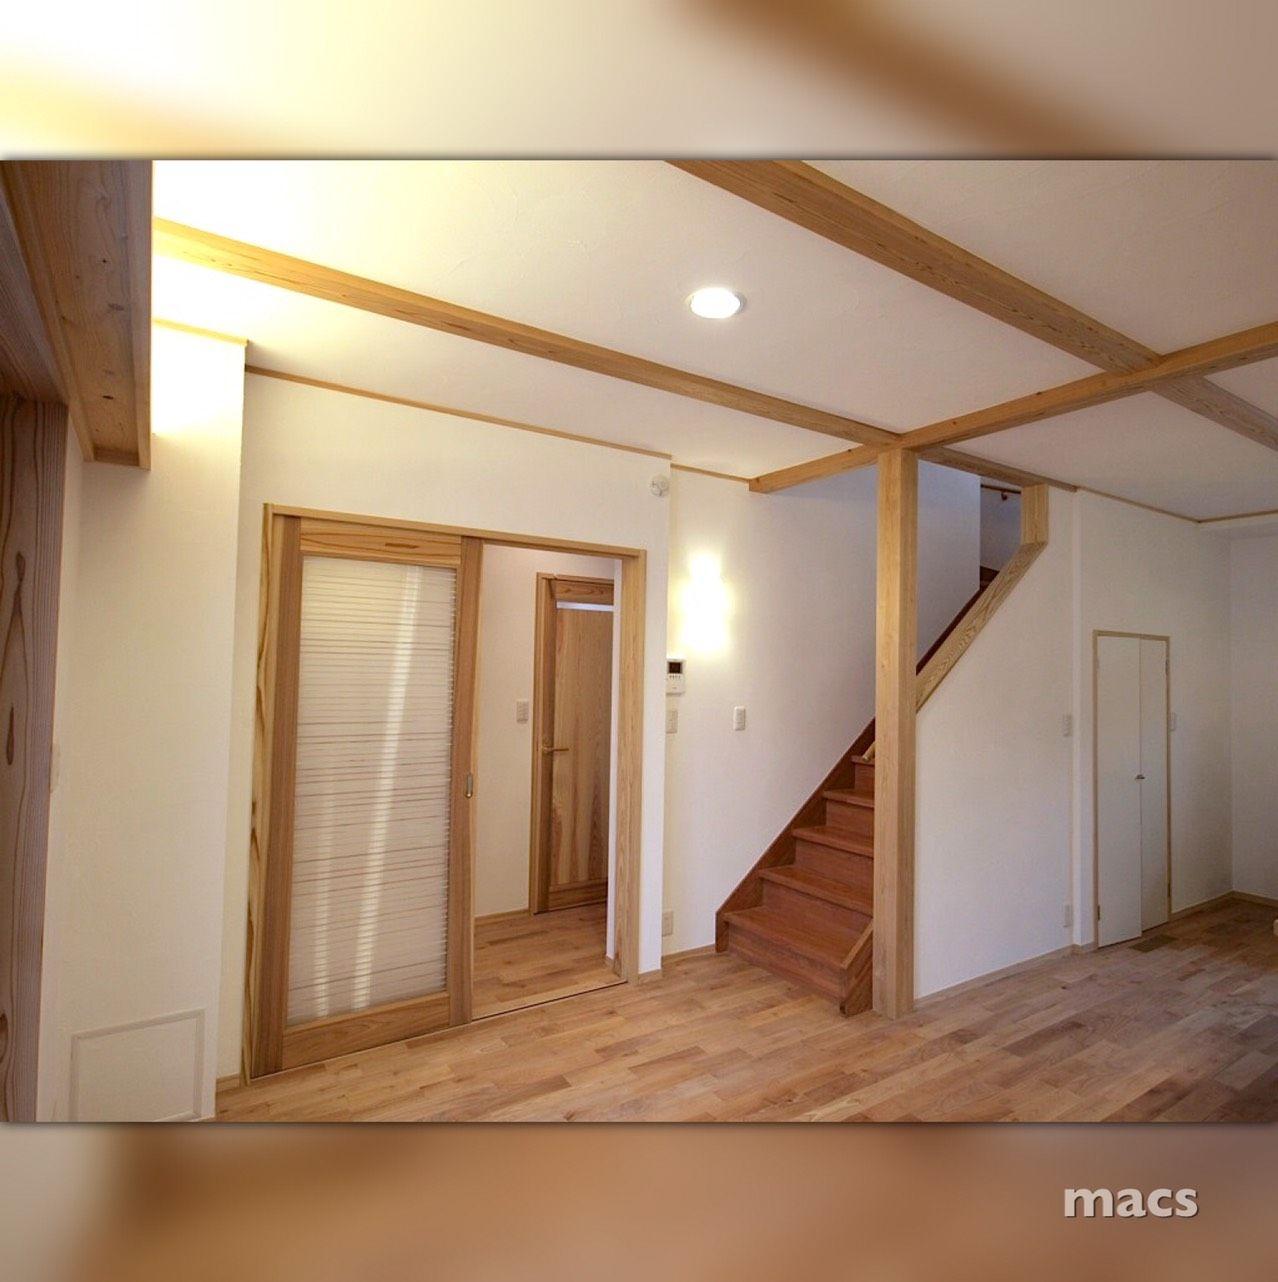 白壁と木のコントラストが美しいリビング 家 マイホーム マイ